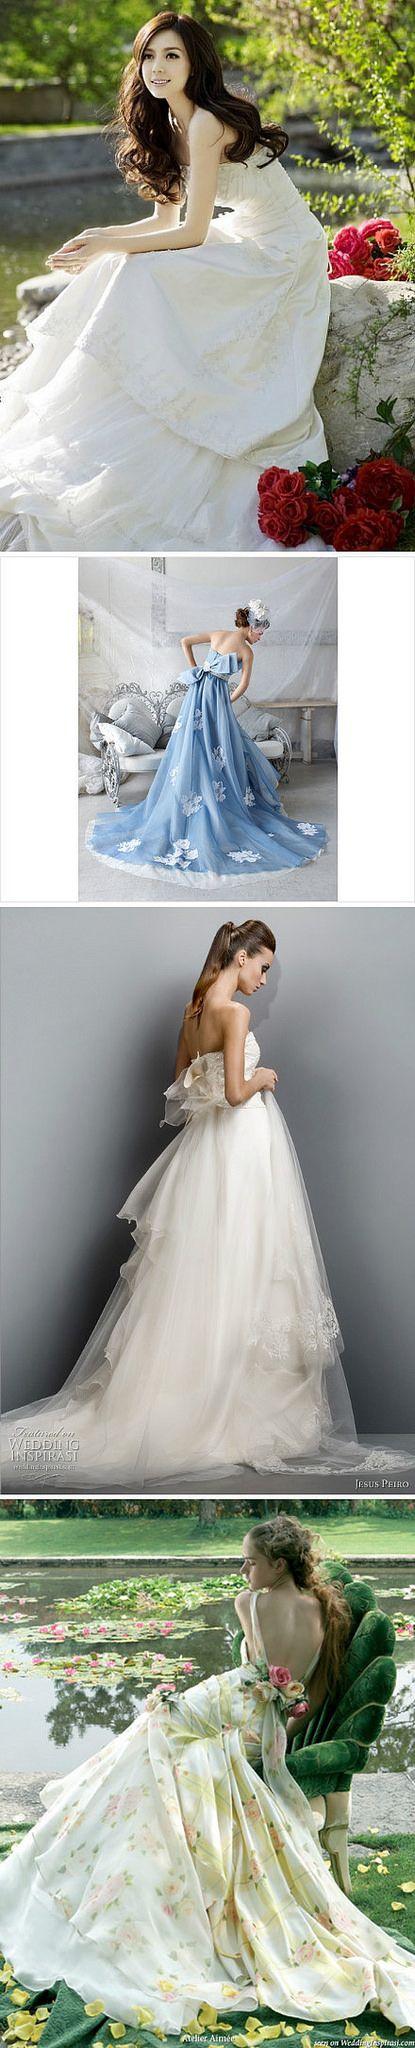 https://flic.kr/p/BDGjty   Trouwjurken   Bekijk onze ruime collectie trouwjurken. De meeste en mooiste betaalbare trouwjurken bij de Grootste Bruidszaak van Nederland!   www.popo-shoes.nl